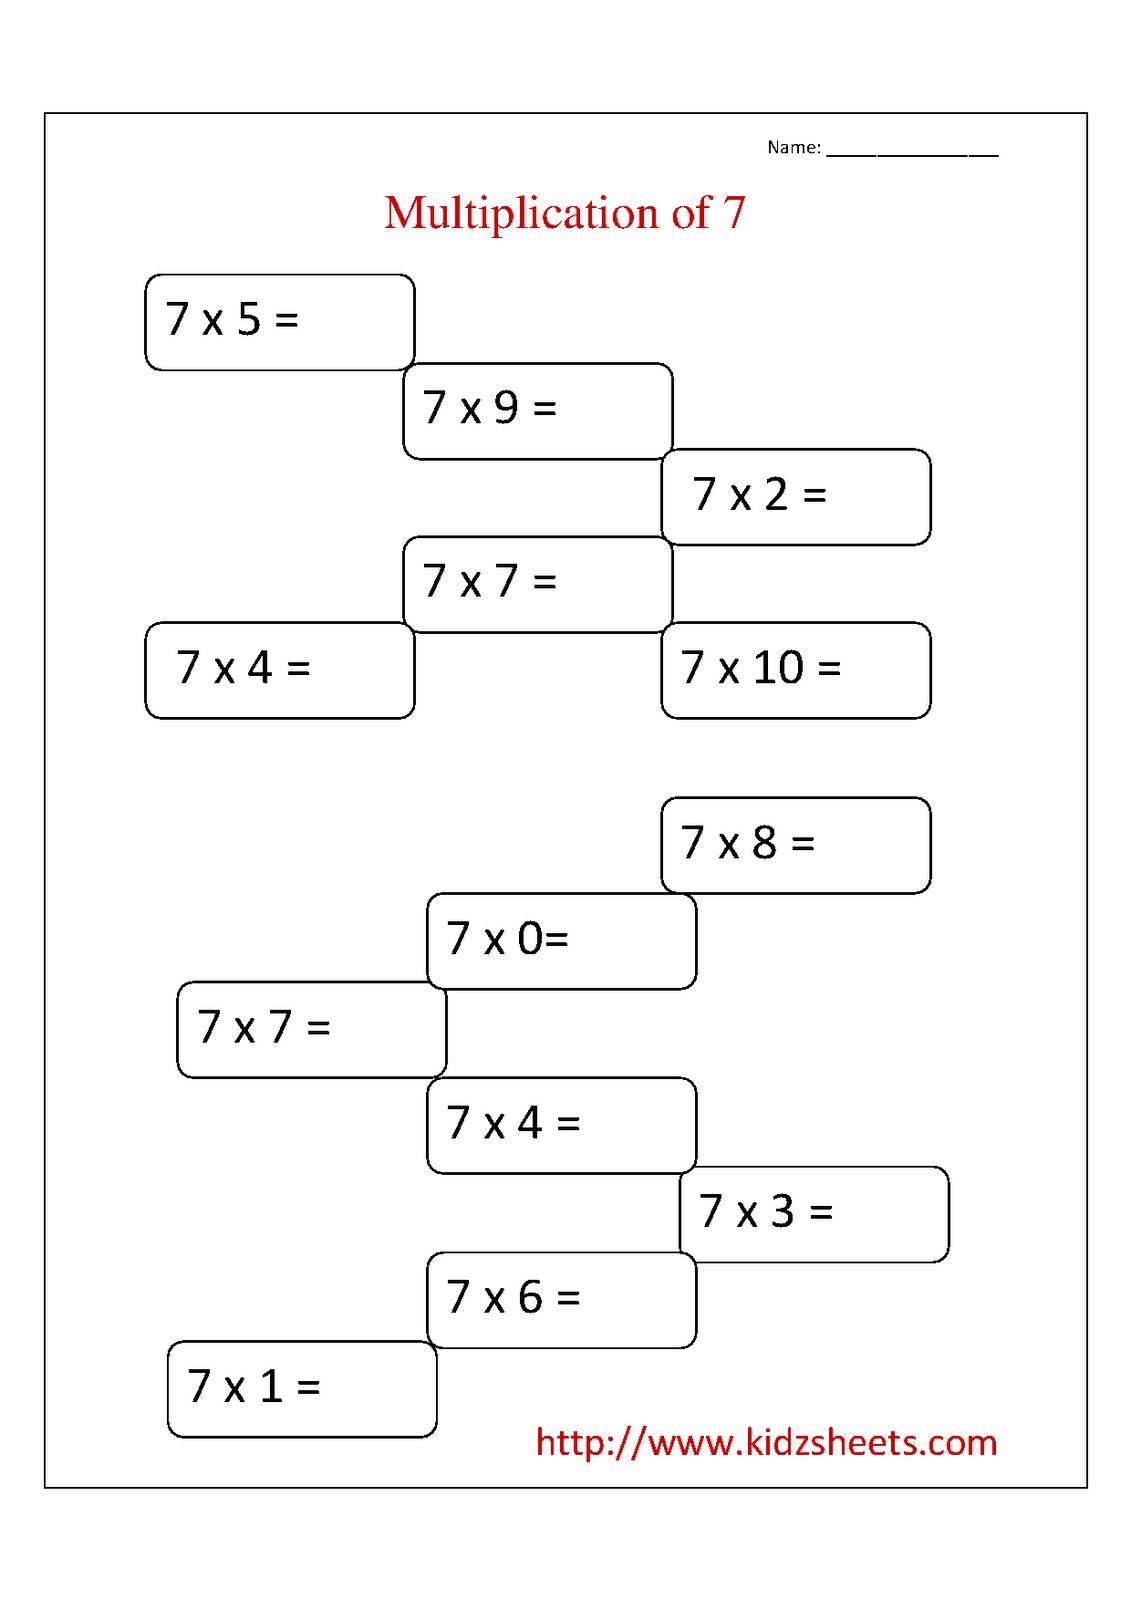 medium resolution of Kidz Worksheets: Second Grade Multiplication Table 7